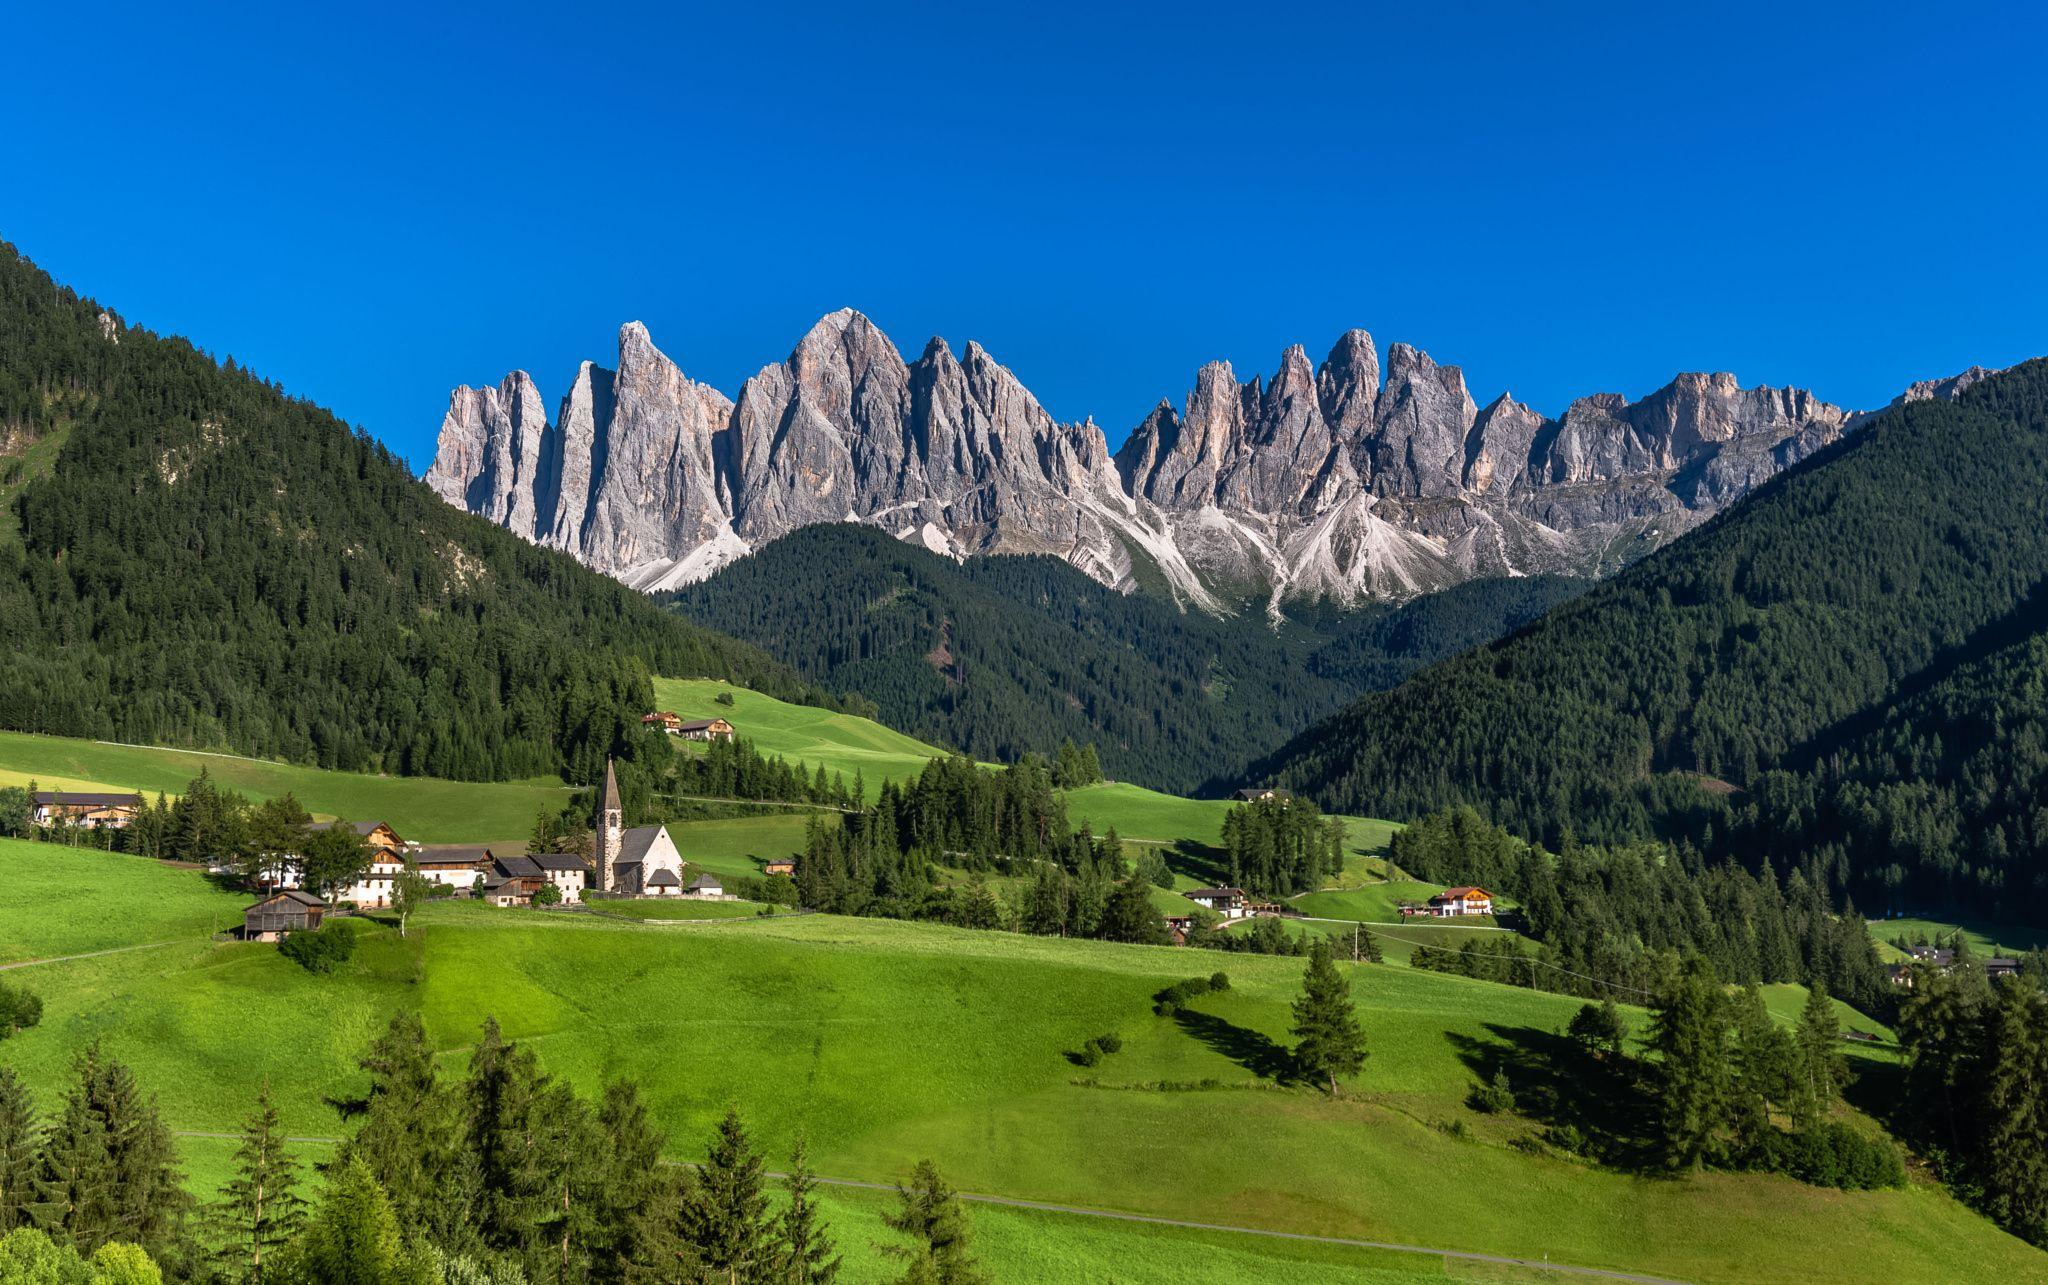 Photograph Santa Maddalena, Val di Funes, Dolomites by ...